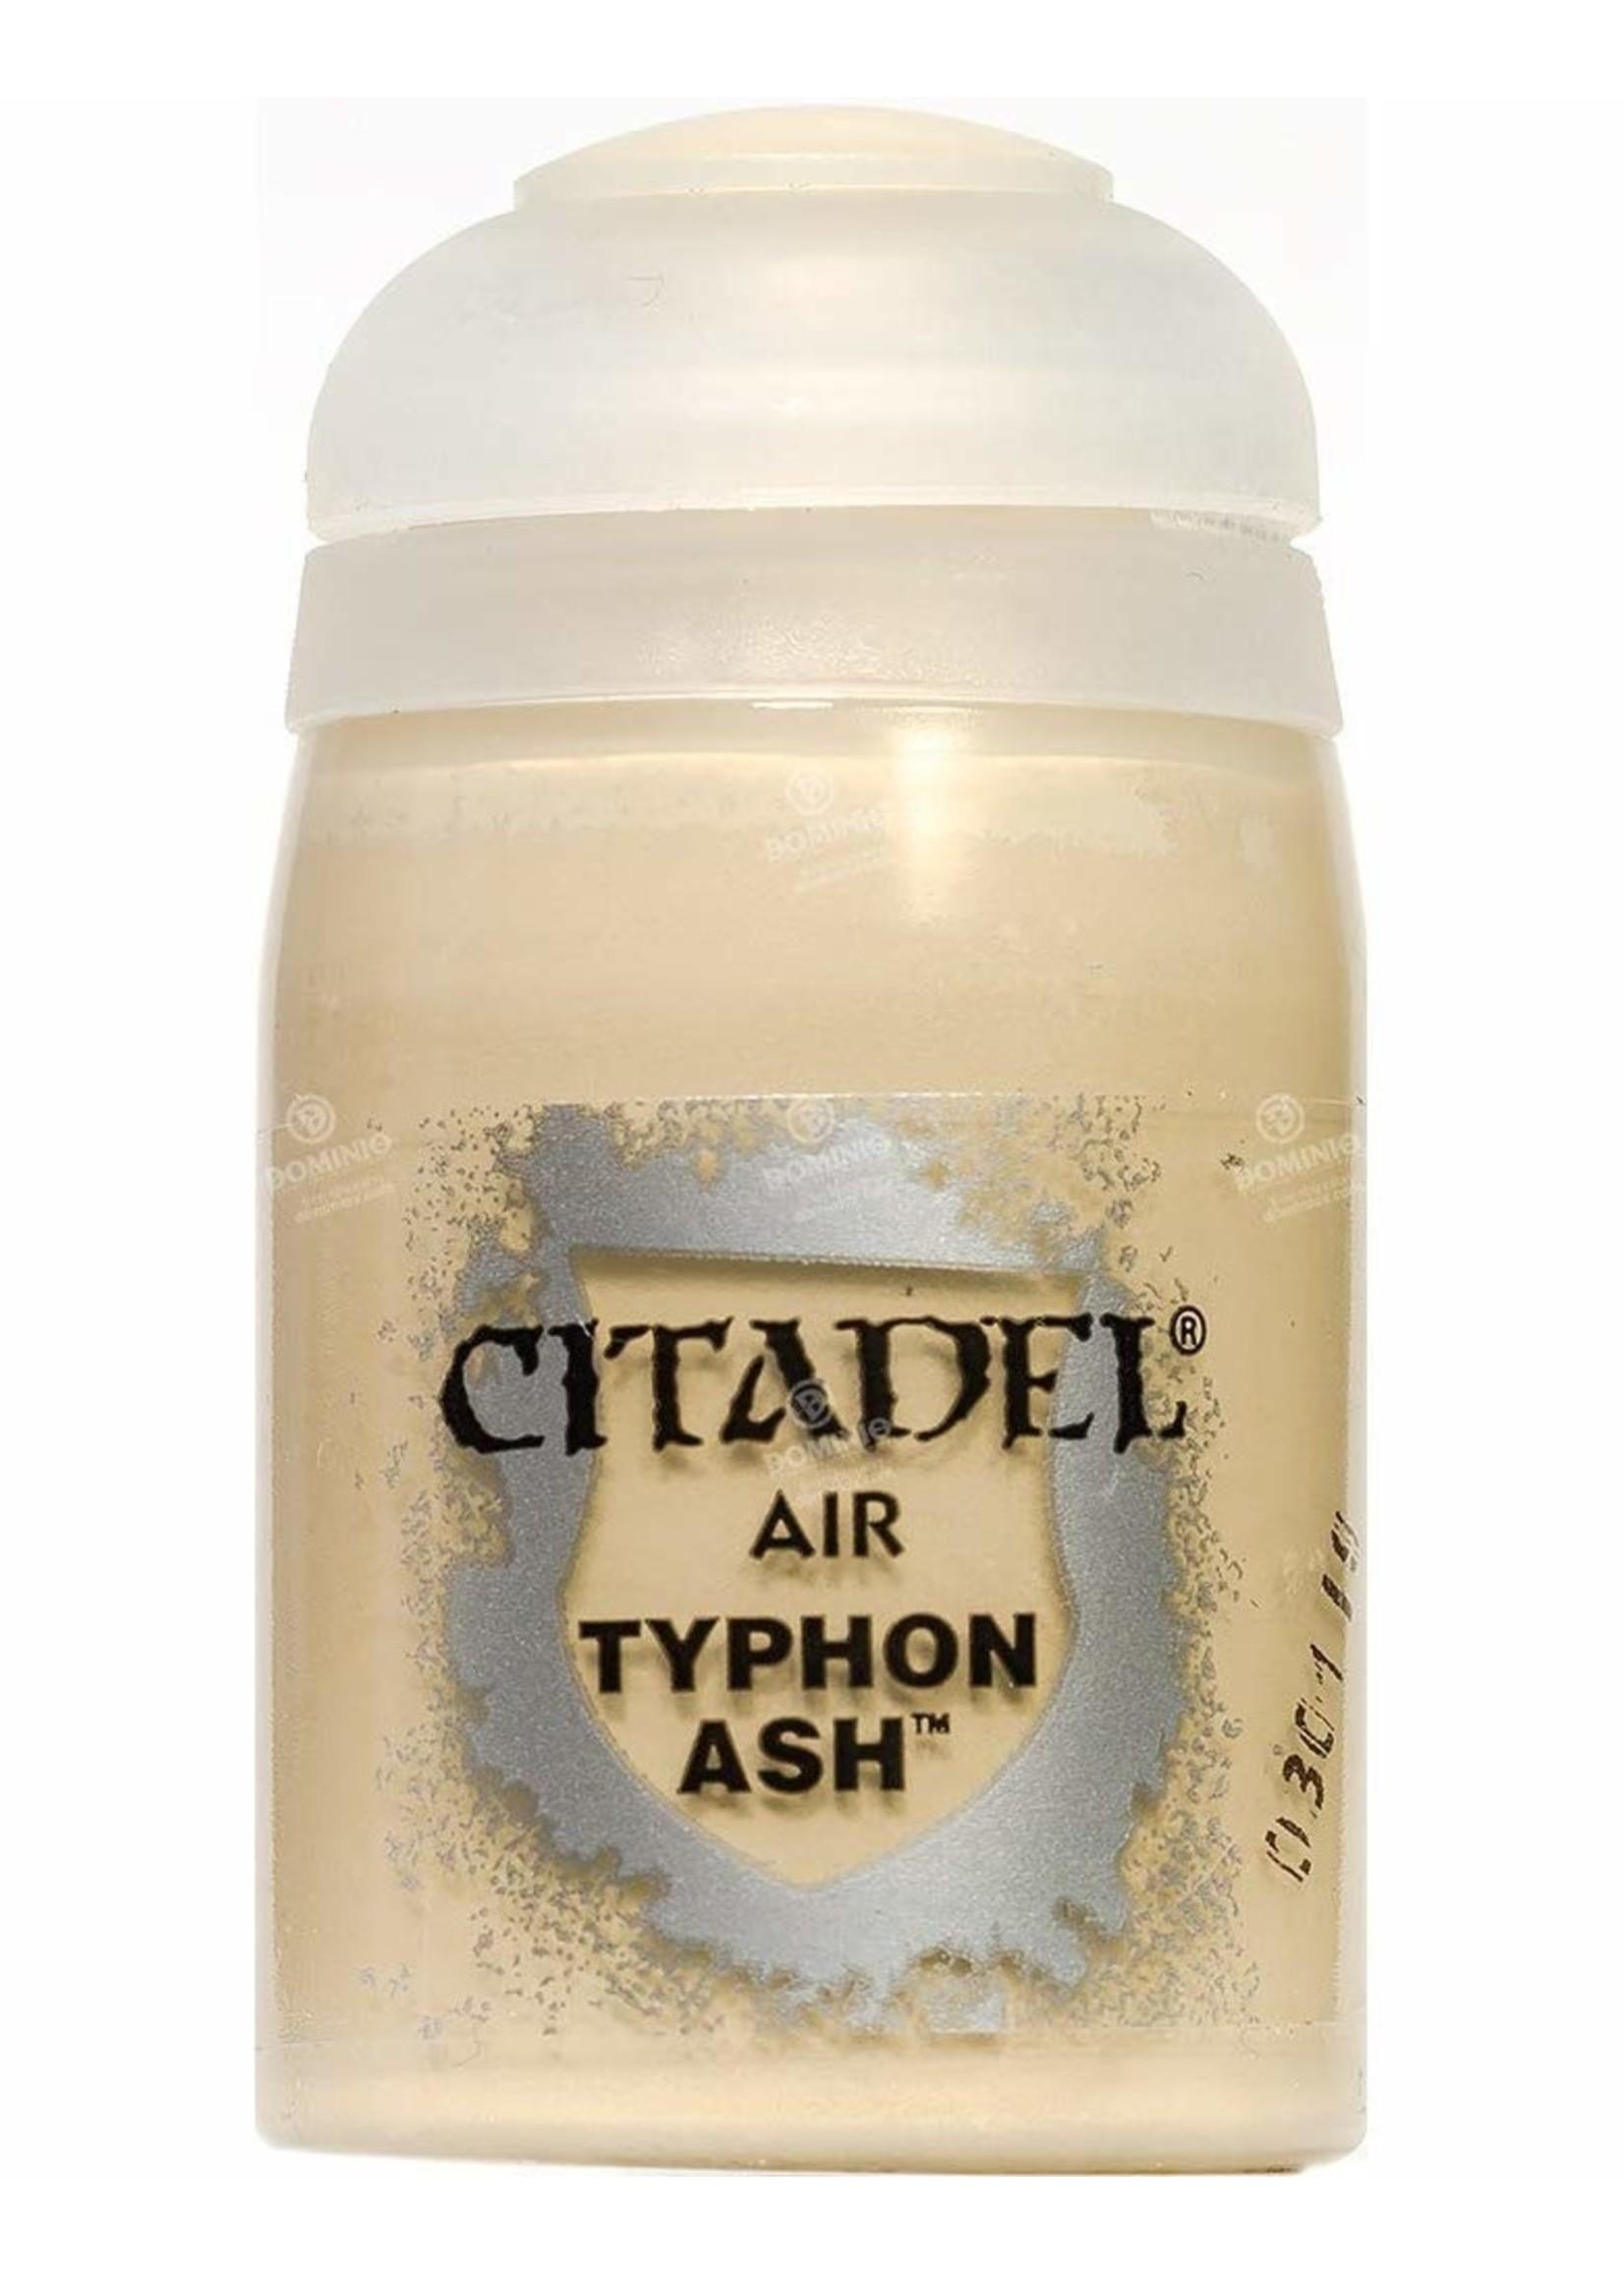 Air:Typhon Ash (24Ml)